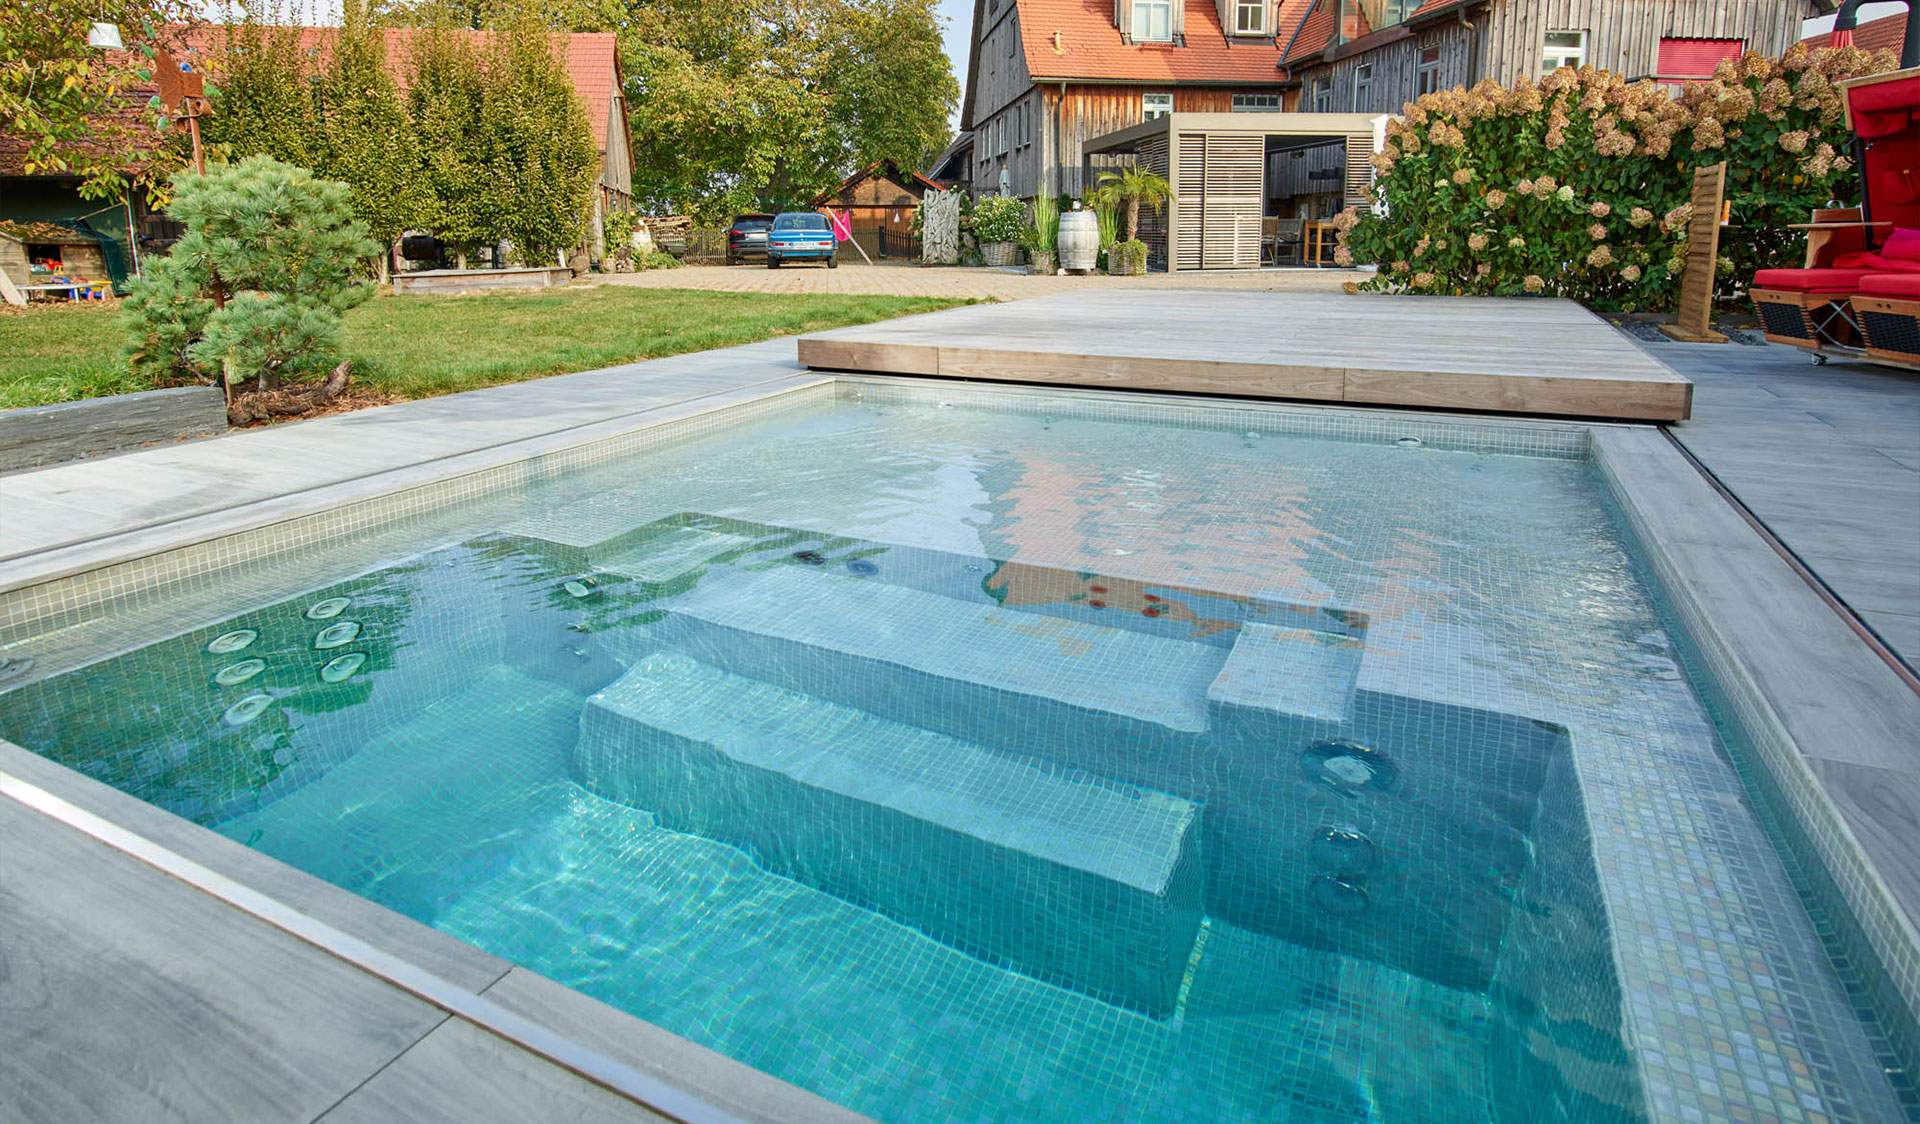 Pool Im Garten Frisch Pools Whirlpools Und Duschen Für Draußen – Kupkagarten Aus